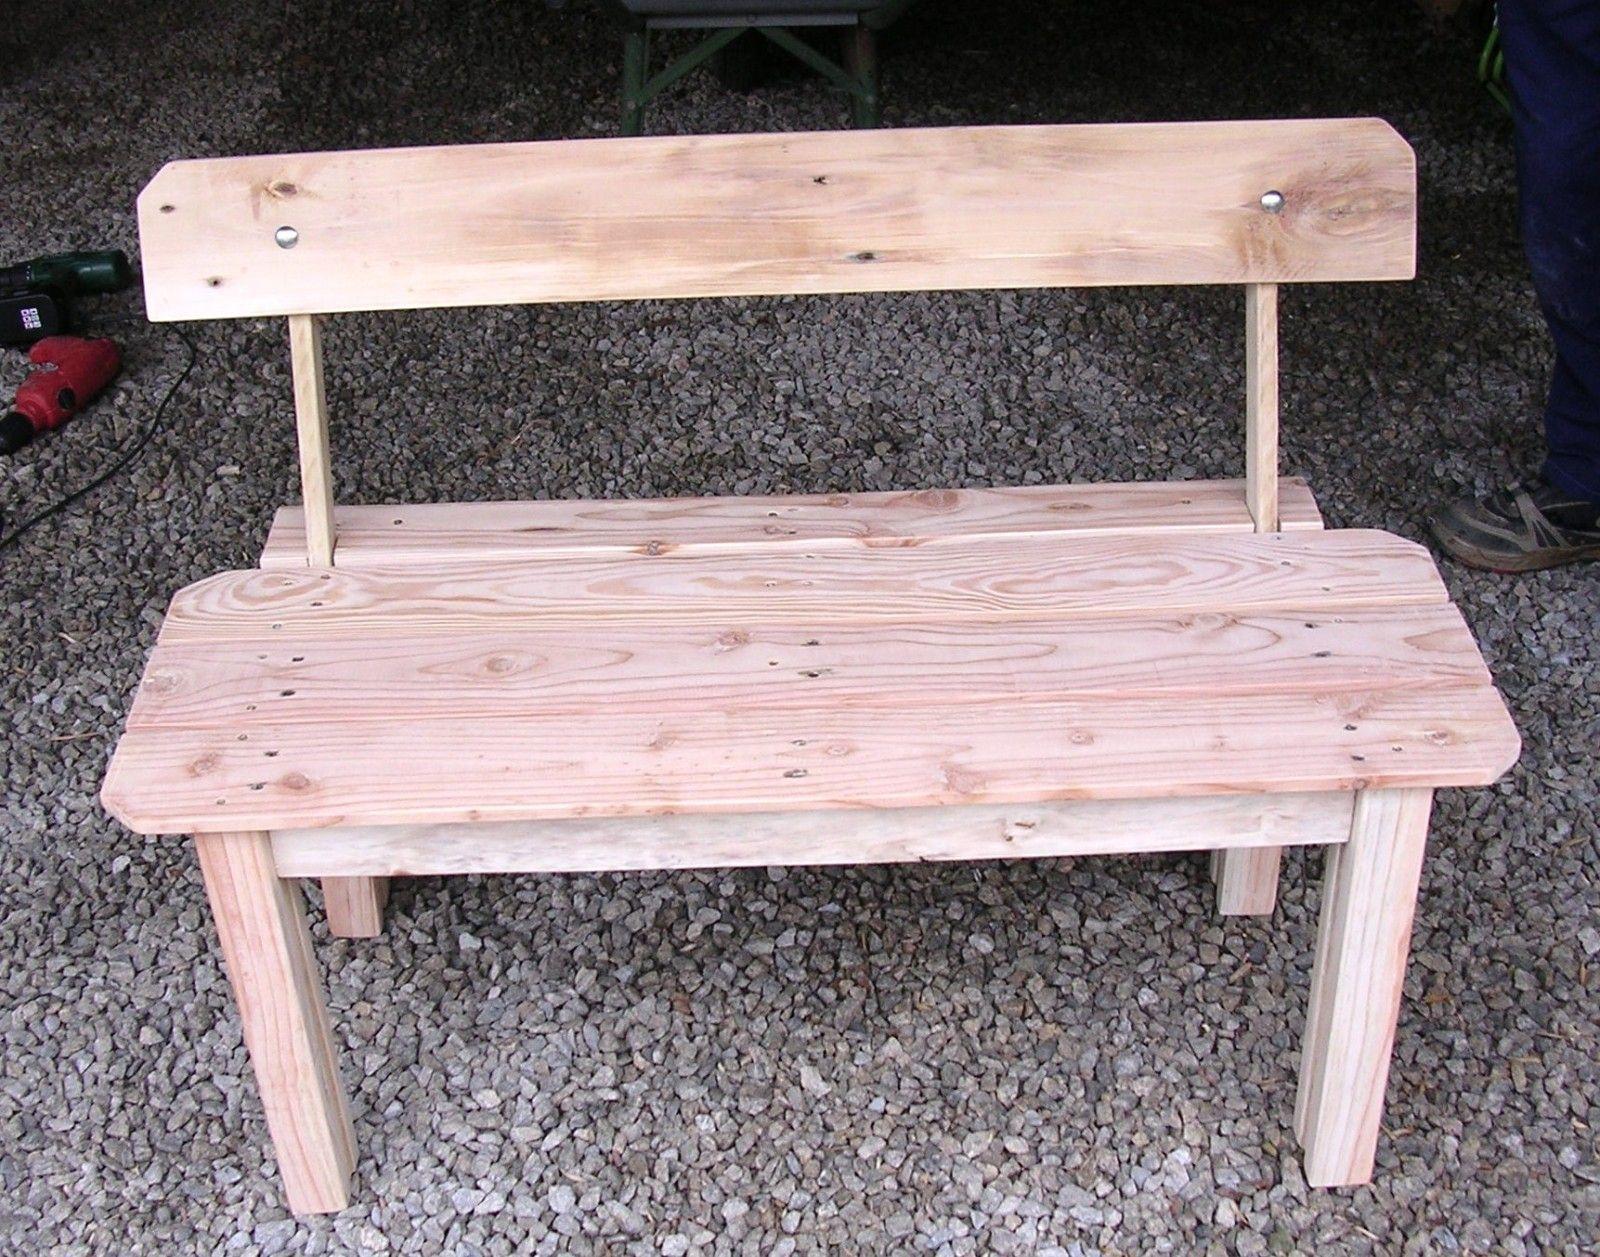 Avec 2 palettes en bois, j'ai fait deux jolis bancs... - Le serviettage de Nafeuse